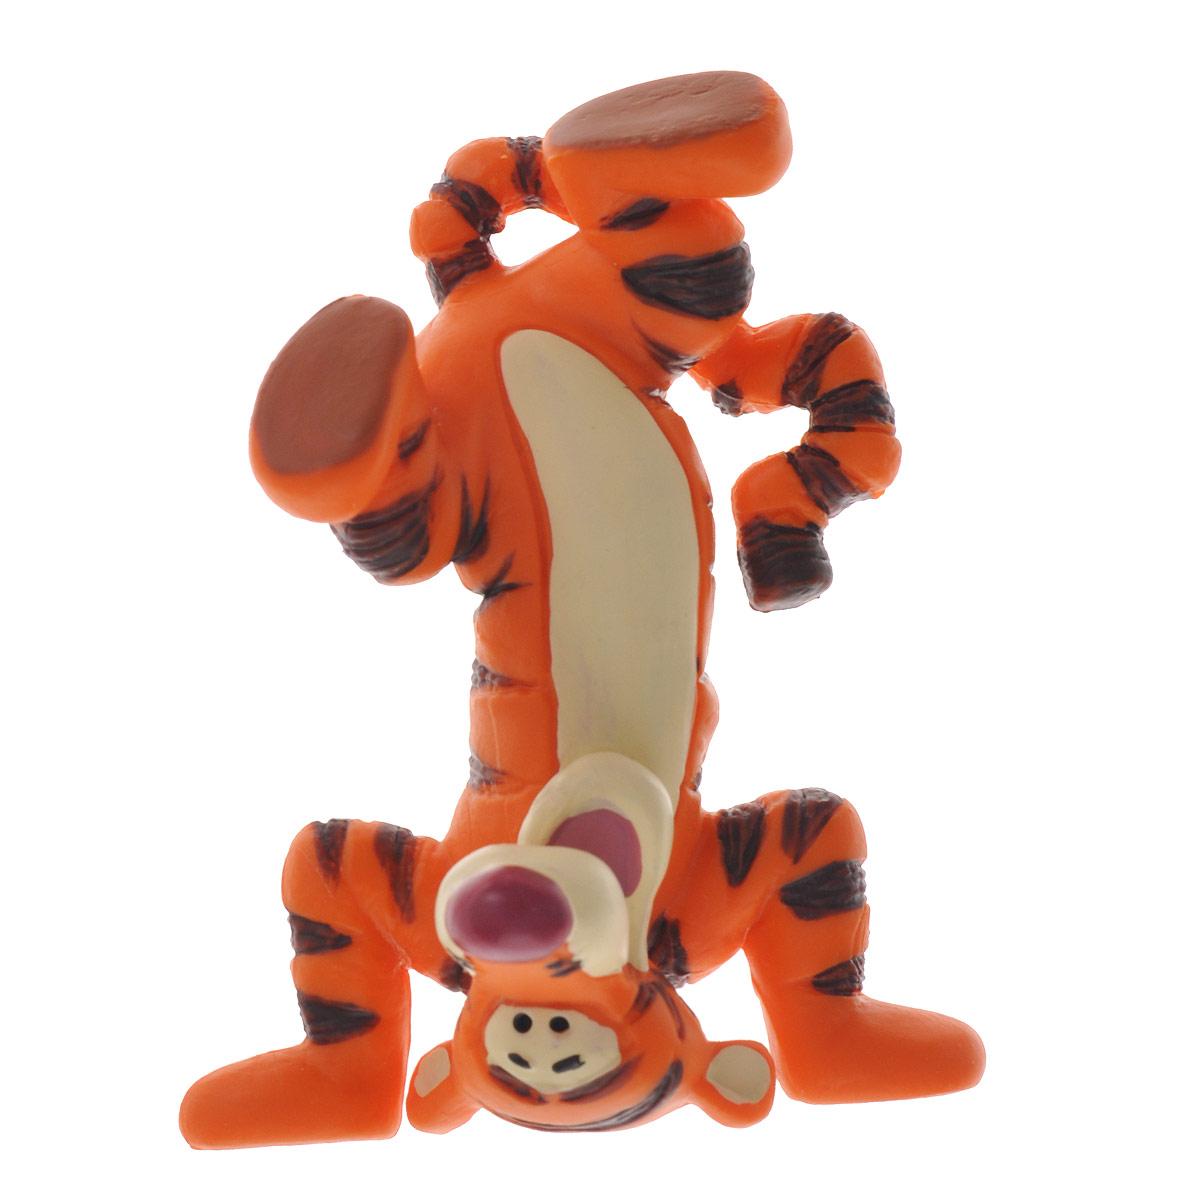 Фигурка Тигруля, стоящий на голове, 6,5 см12321Фигурка «Тигруля» непременно придется по душе вам и вашему ребенку. Она выполнена в виде героя из мультфильма студии Уолта Диснея «Винни-Пух и все, все, все» - Тигрули, стоящего на голове. И это еще далеко не все, что он умеет! Тигруля прекрасно прыгает, лазает по деревьям и, конечно же, бегает. Фигурка персонажа отражает его безмерную энергичность и веселый нрав. Фигурка выполнена из высококачественного, нетоксичного материала и абсолютно безопасна для ребенка. С такой фигуркой ваш ребенок окунется в гущи событий мультсериала, будет проигрывать любимые сцены или придумывать свои истории.